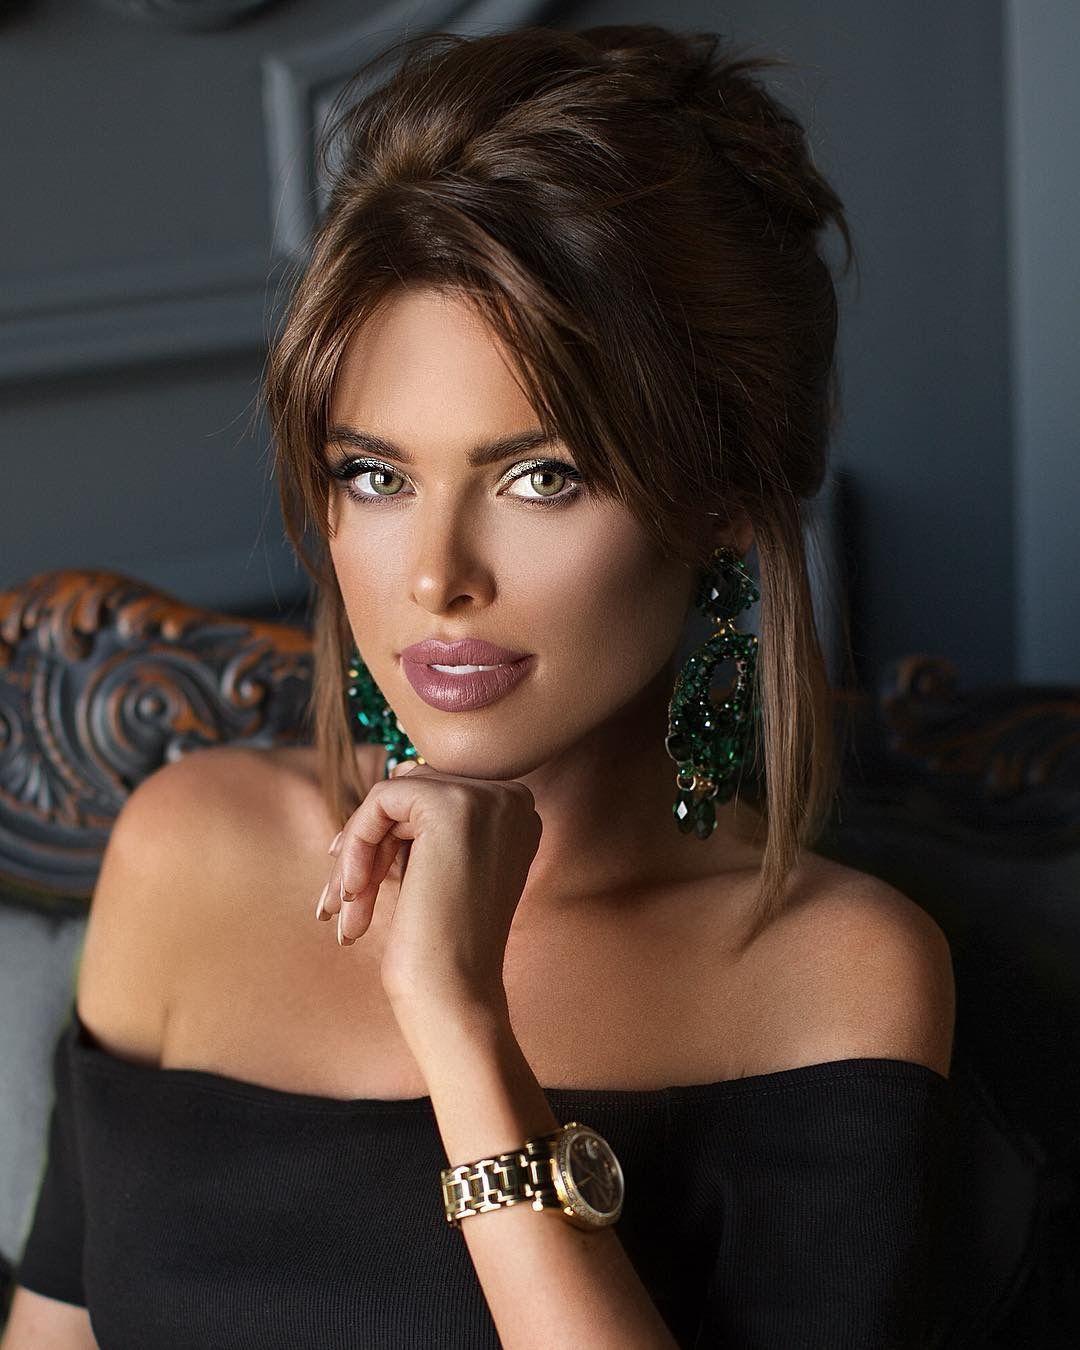 52de7ba19 Stunning Beauty Beautiful Women